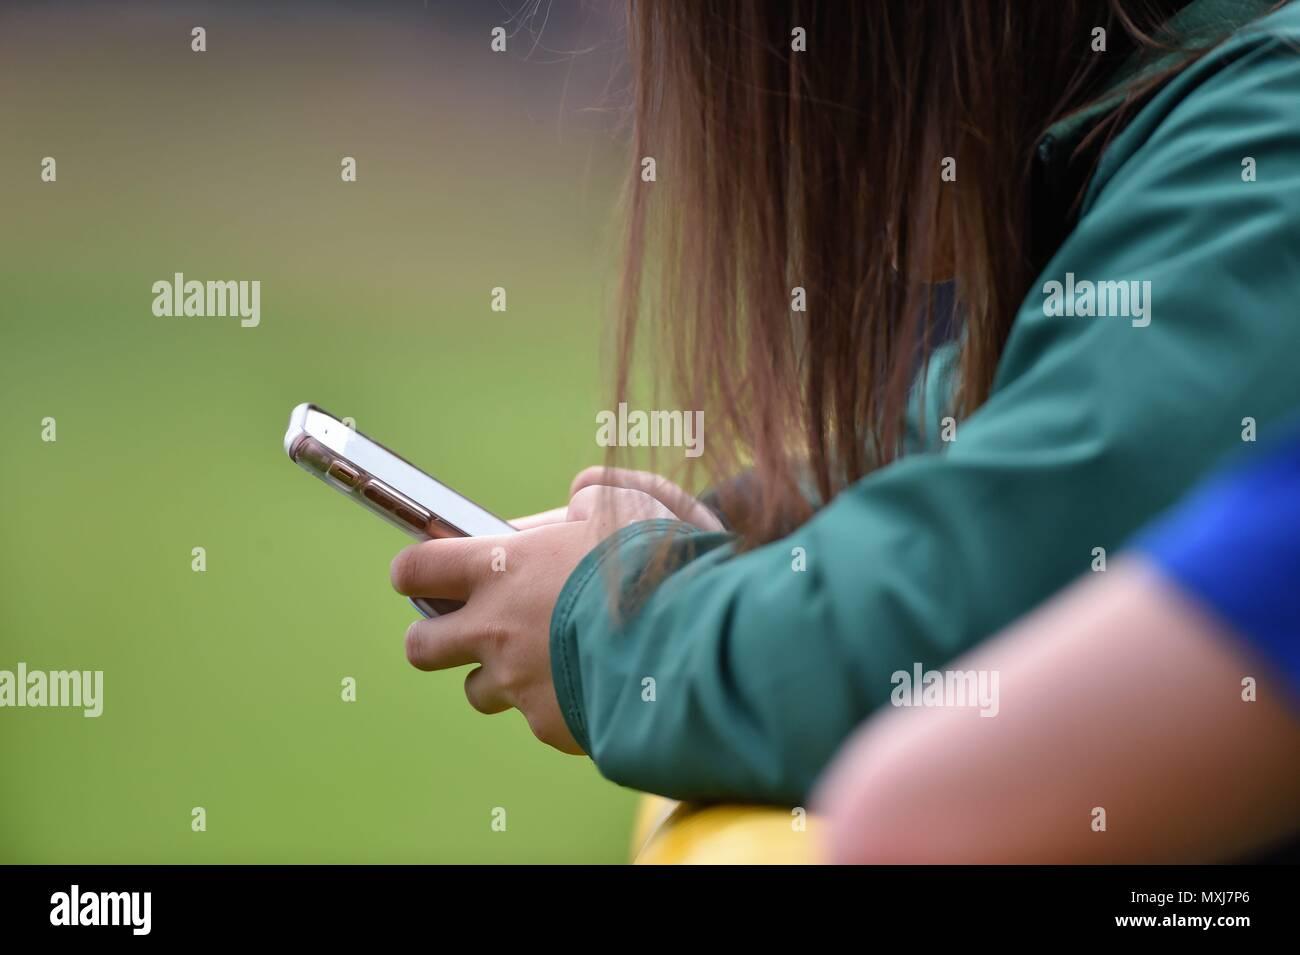 Palatine, Illinois, Stati Uniti d'America. Uso del telefono cellulare ha raggiunto quasi epica la dipendenza di proporzioni simili in tutto il territorio degli Stati Uniti. Immagini Stock